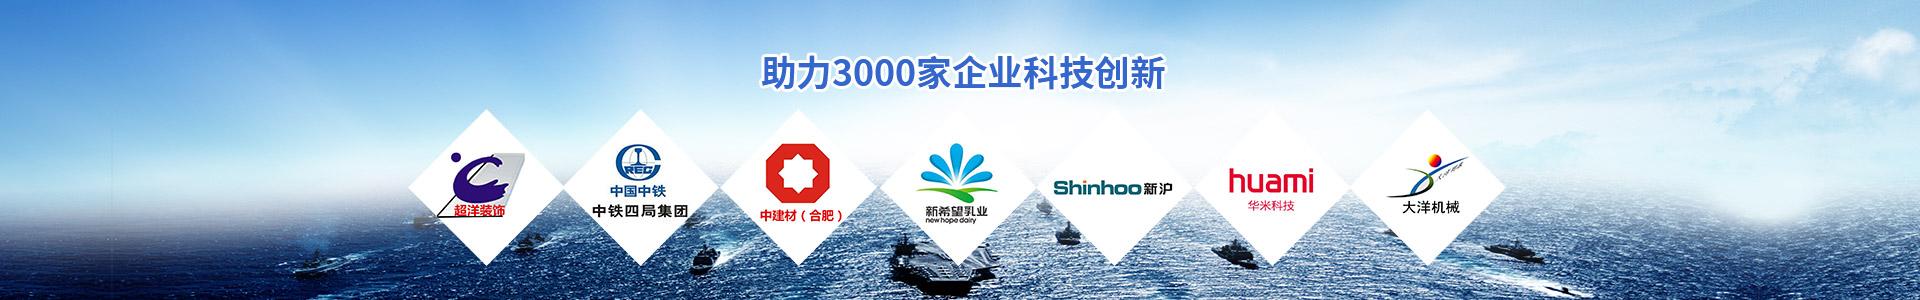 亿博平台登录助力3000家企业科技创新